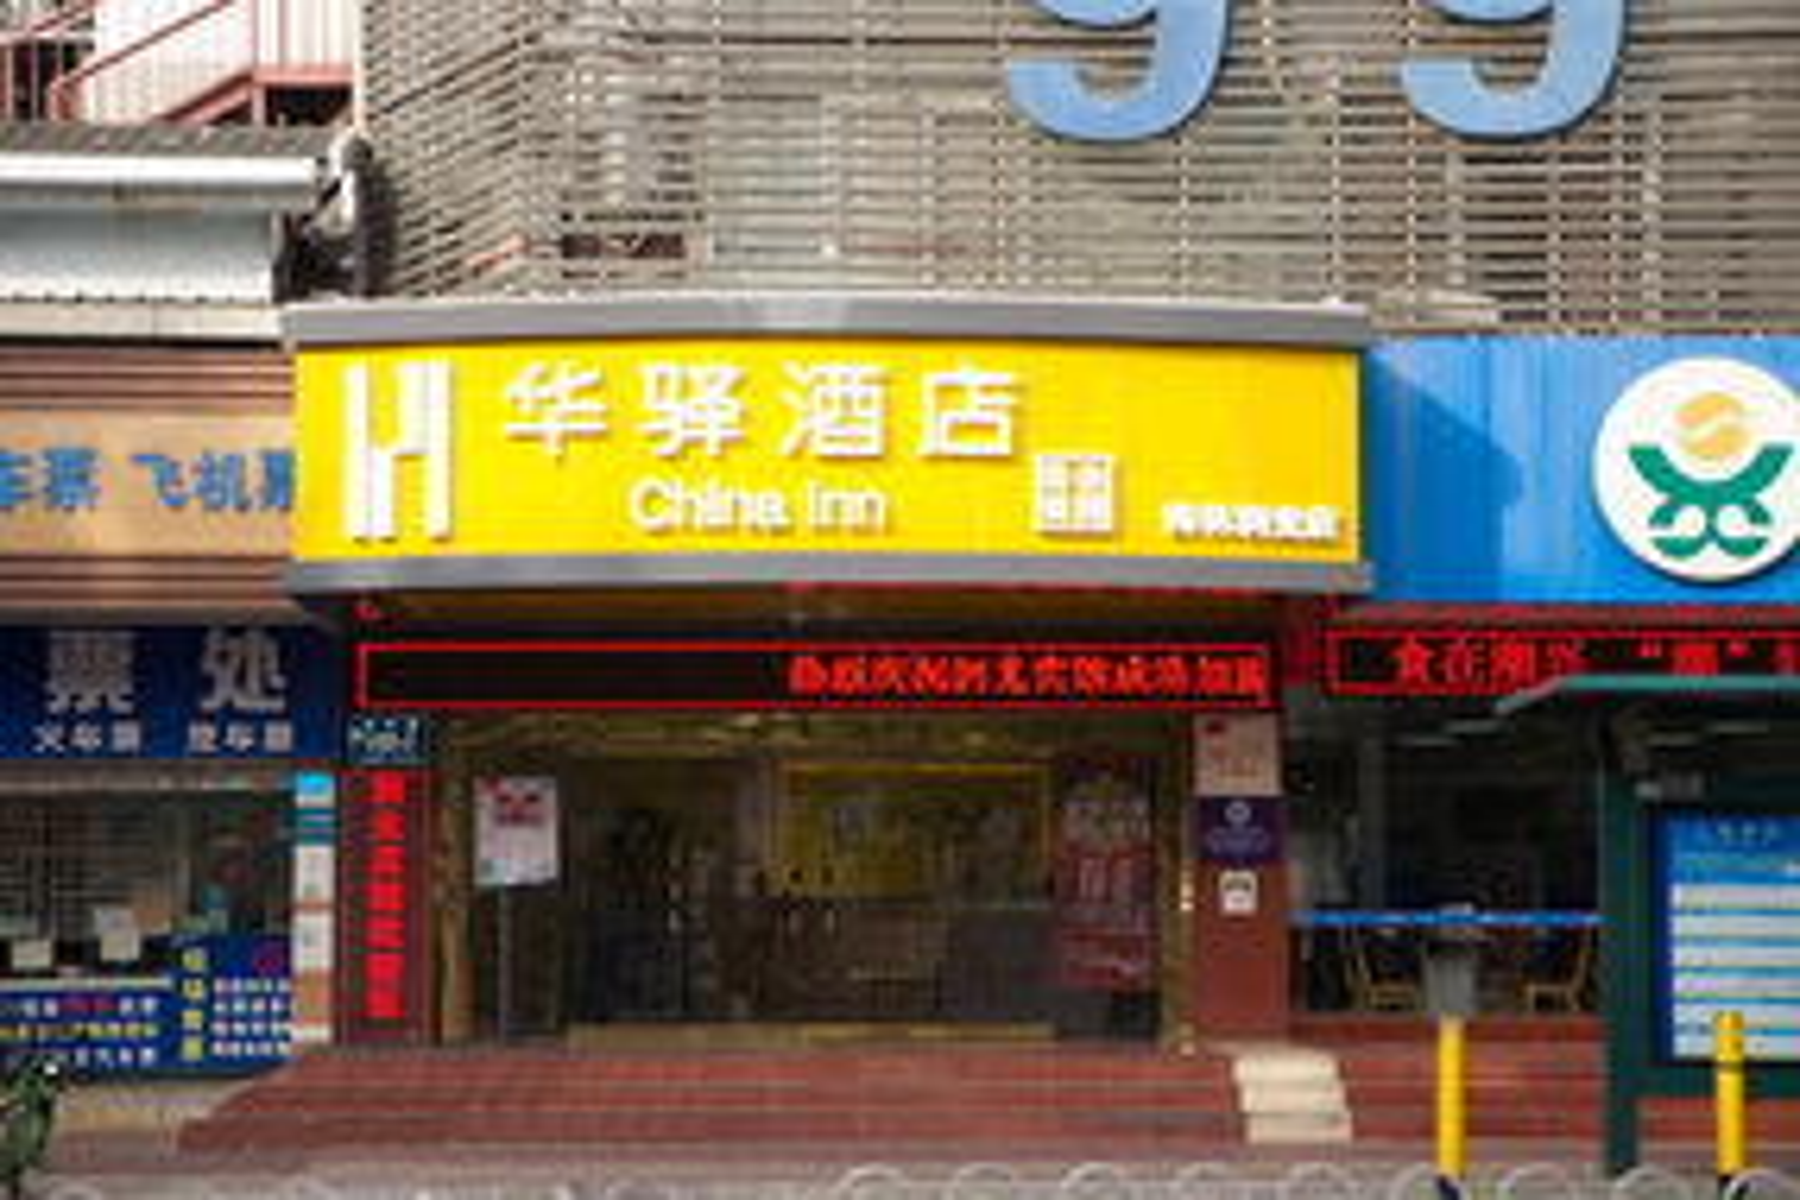 如家联盟-华驿酒店深圳梅林润光店(内宾)